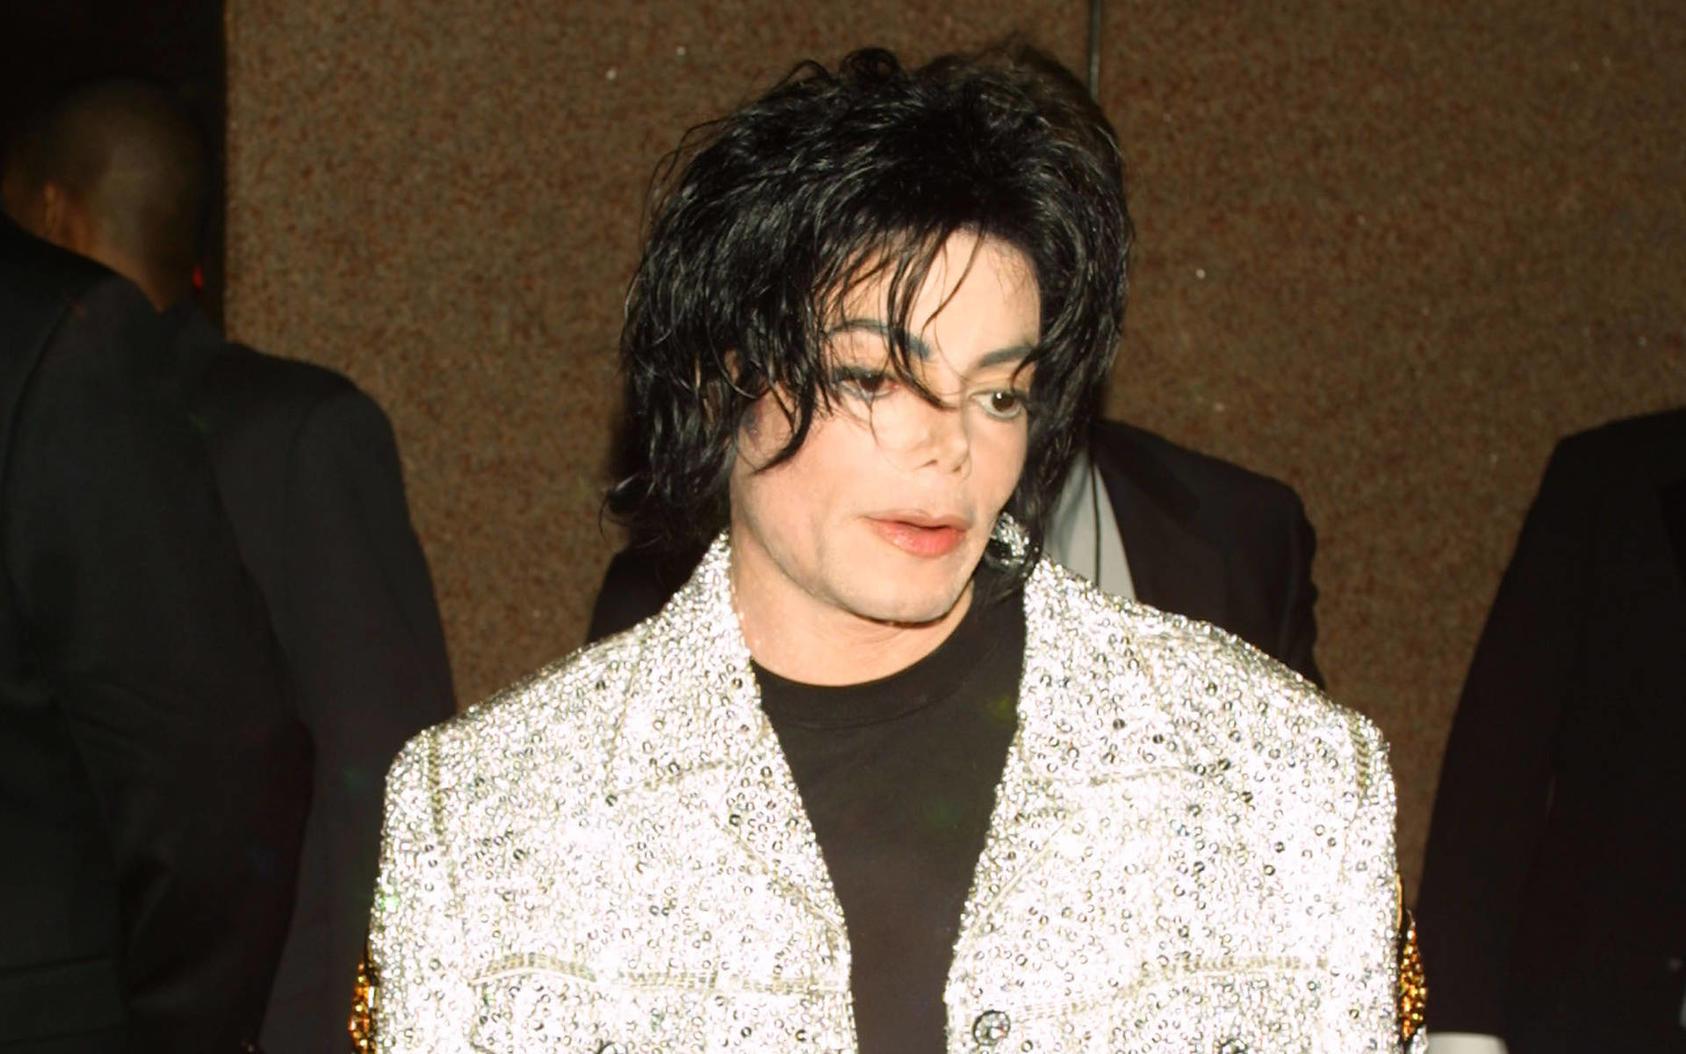 Michael Jackson soll angeblich mehrere Kinder missbraucht haben